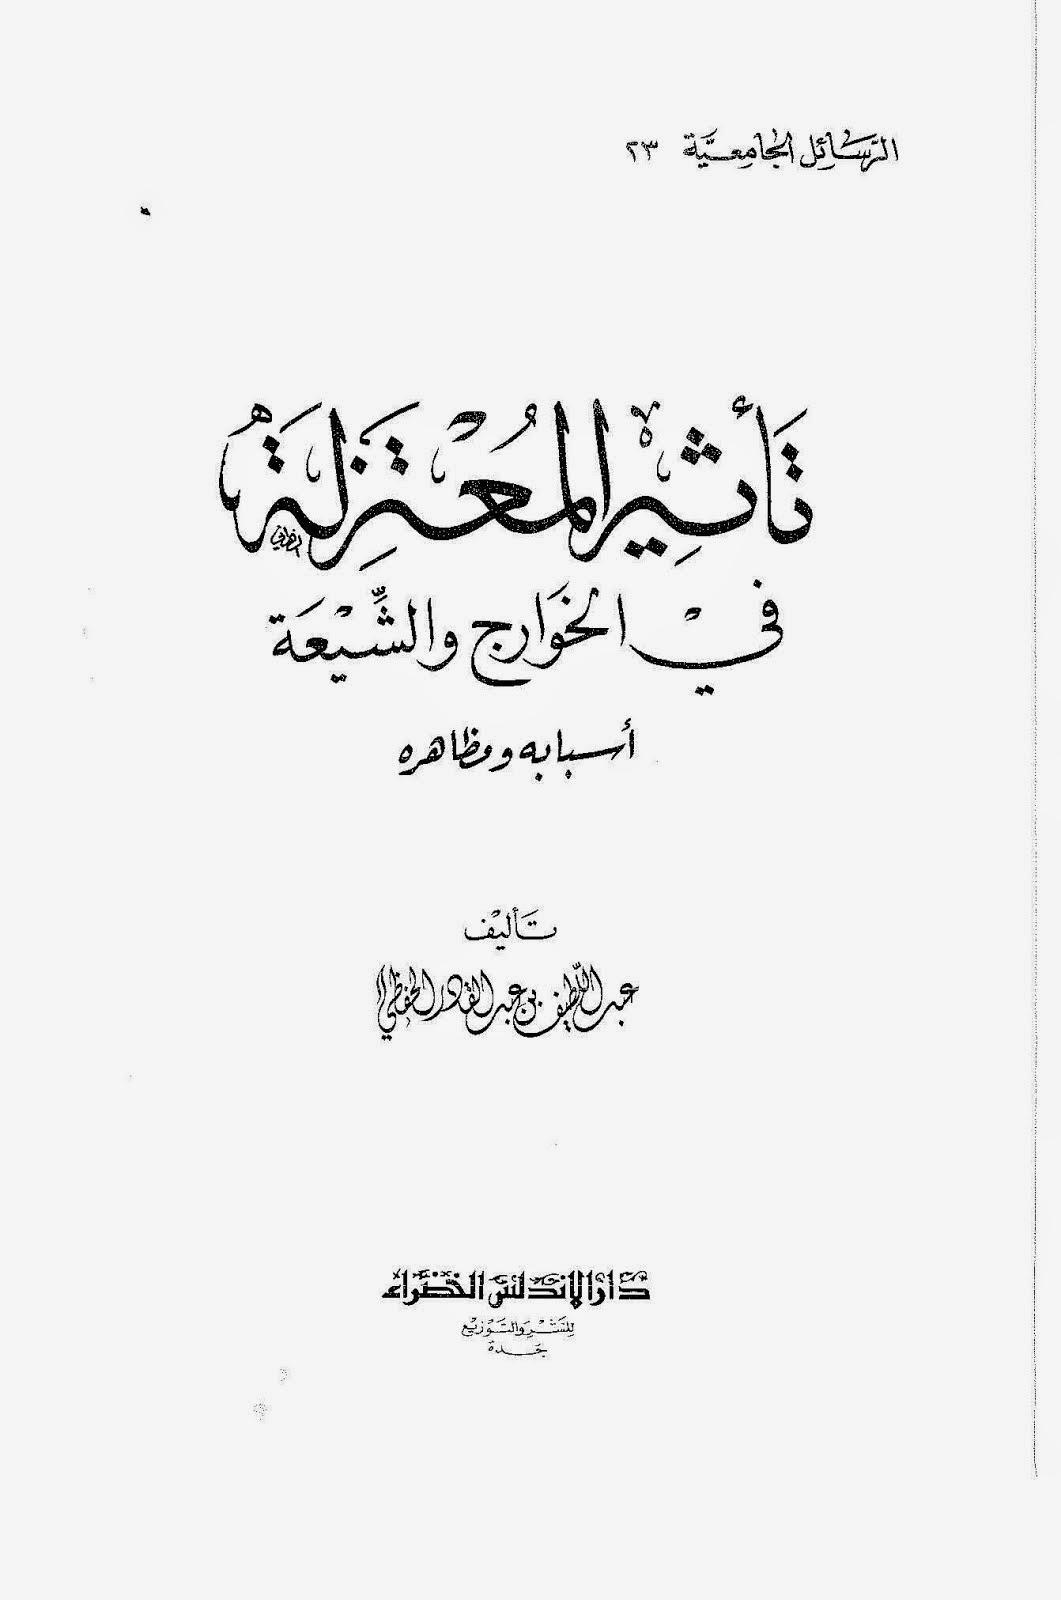 تأثير المعتزلة في الخوارج والشيعة أسبابه ومظاهره لـ عبد اللطيف الحفظي